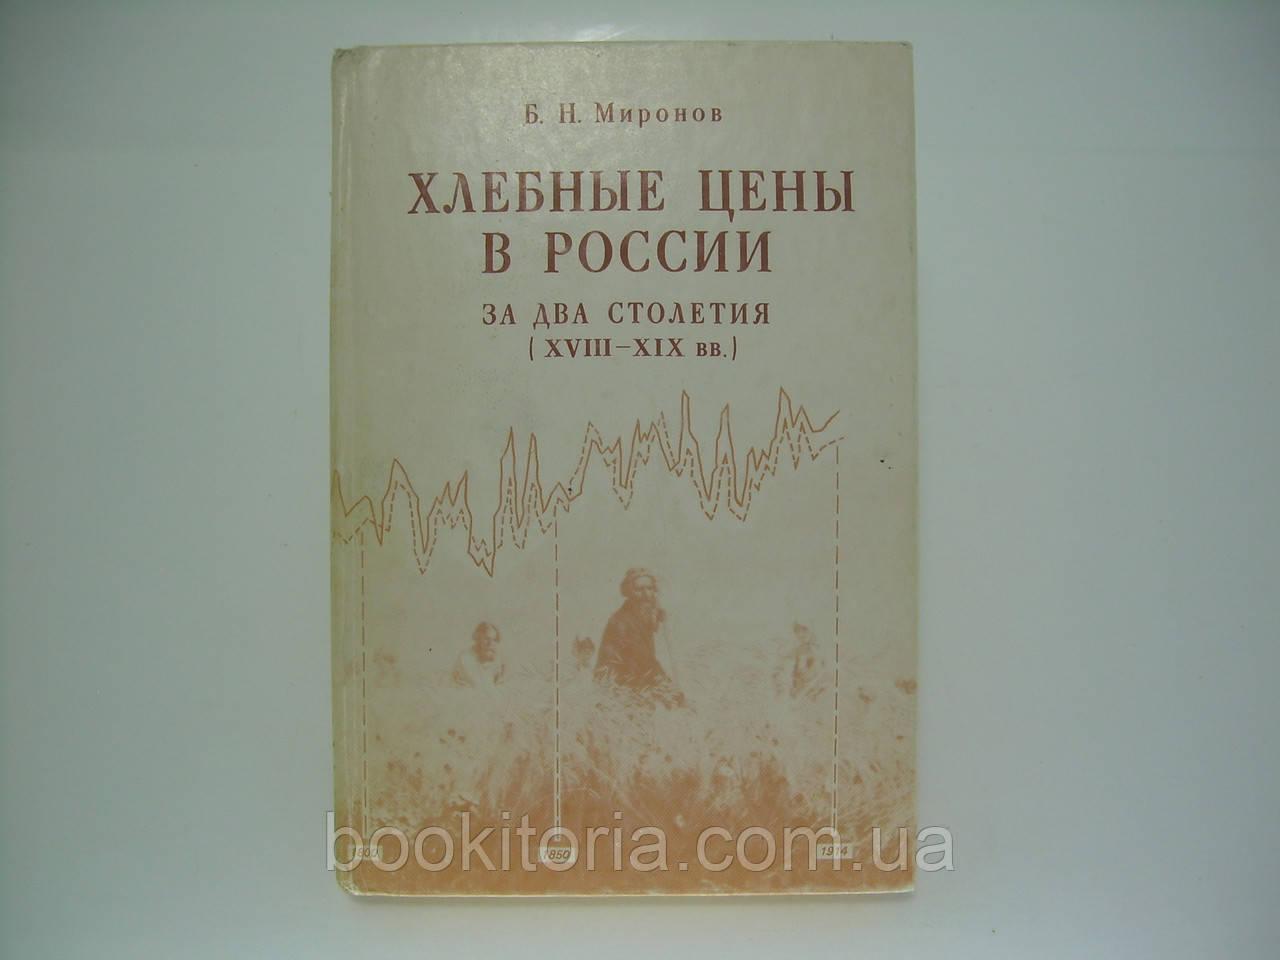 Миронов Б.Н. История России (б/у).